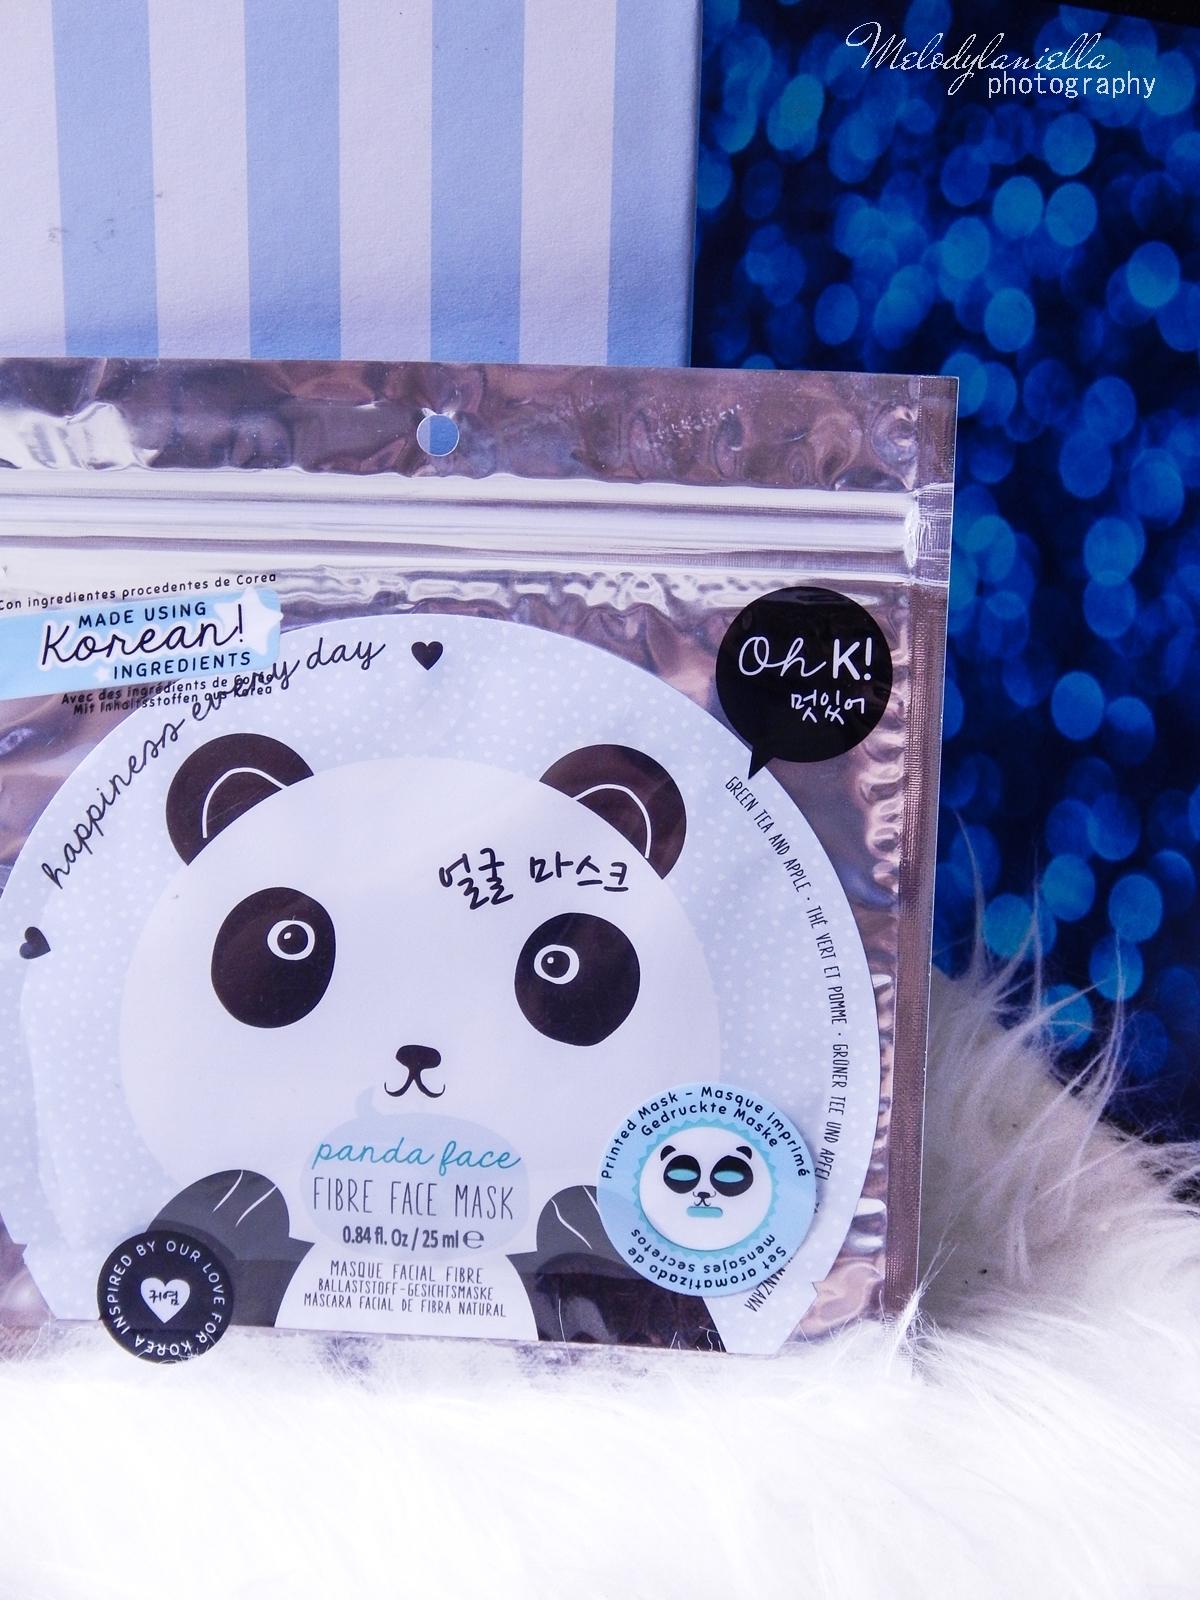 5 Oh! K Life koreańskie kosmetyki i gadżety słodkie dziewczęce dodatki maska do twarzy panda kosmetyczka w kształcie pandy lodowe płatki chłodzące okłady na oczy przeciw sińcom jak pozbyć się sińców pod oczami